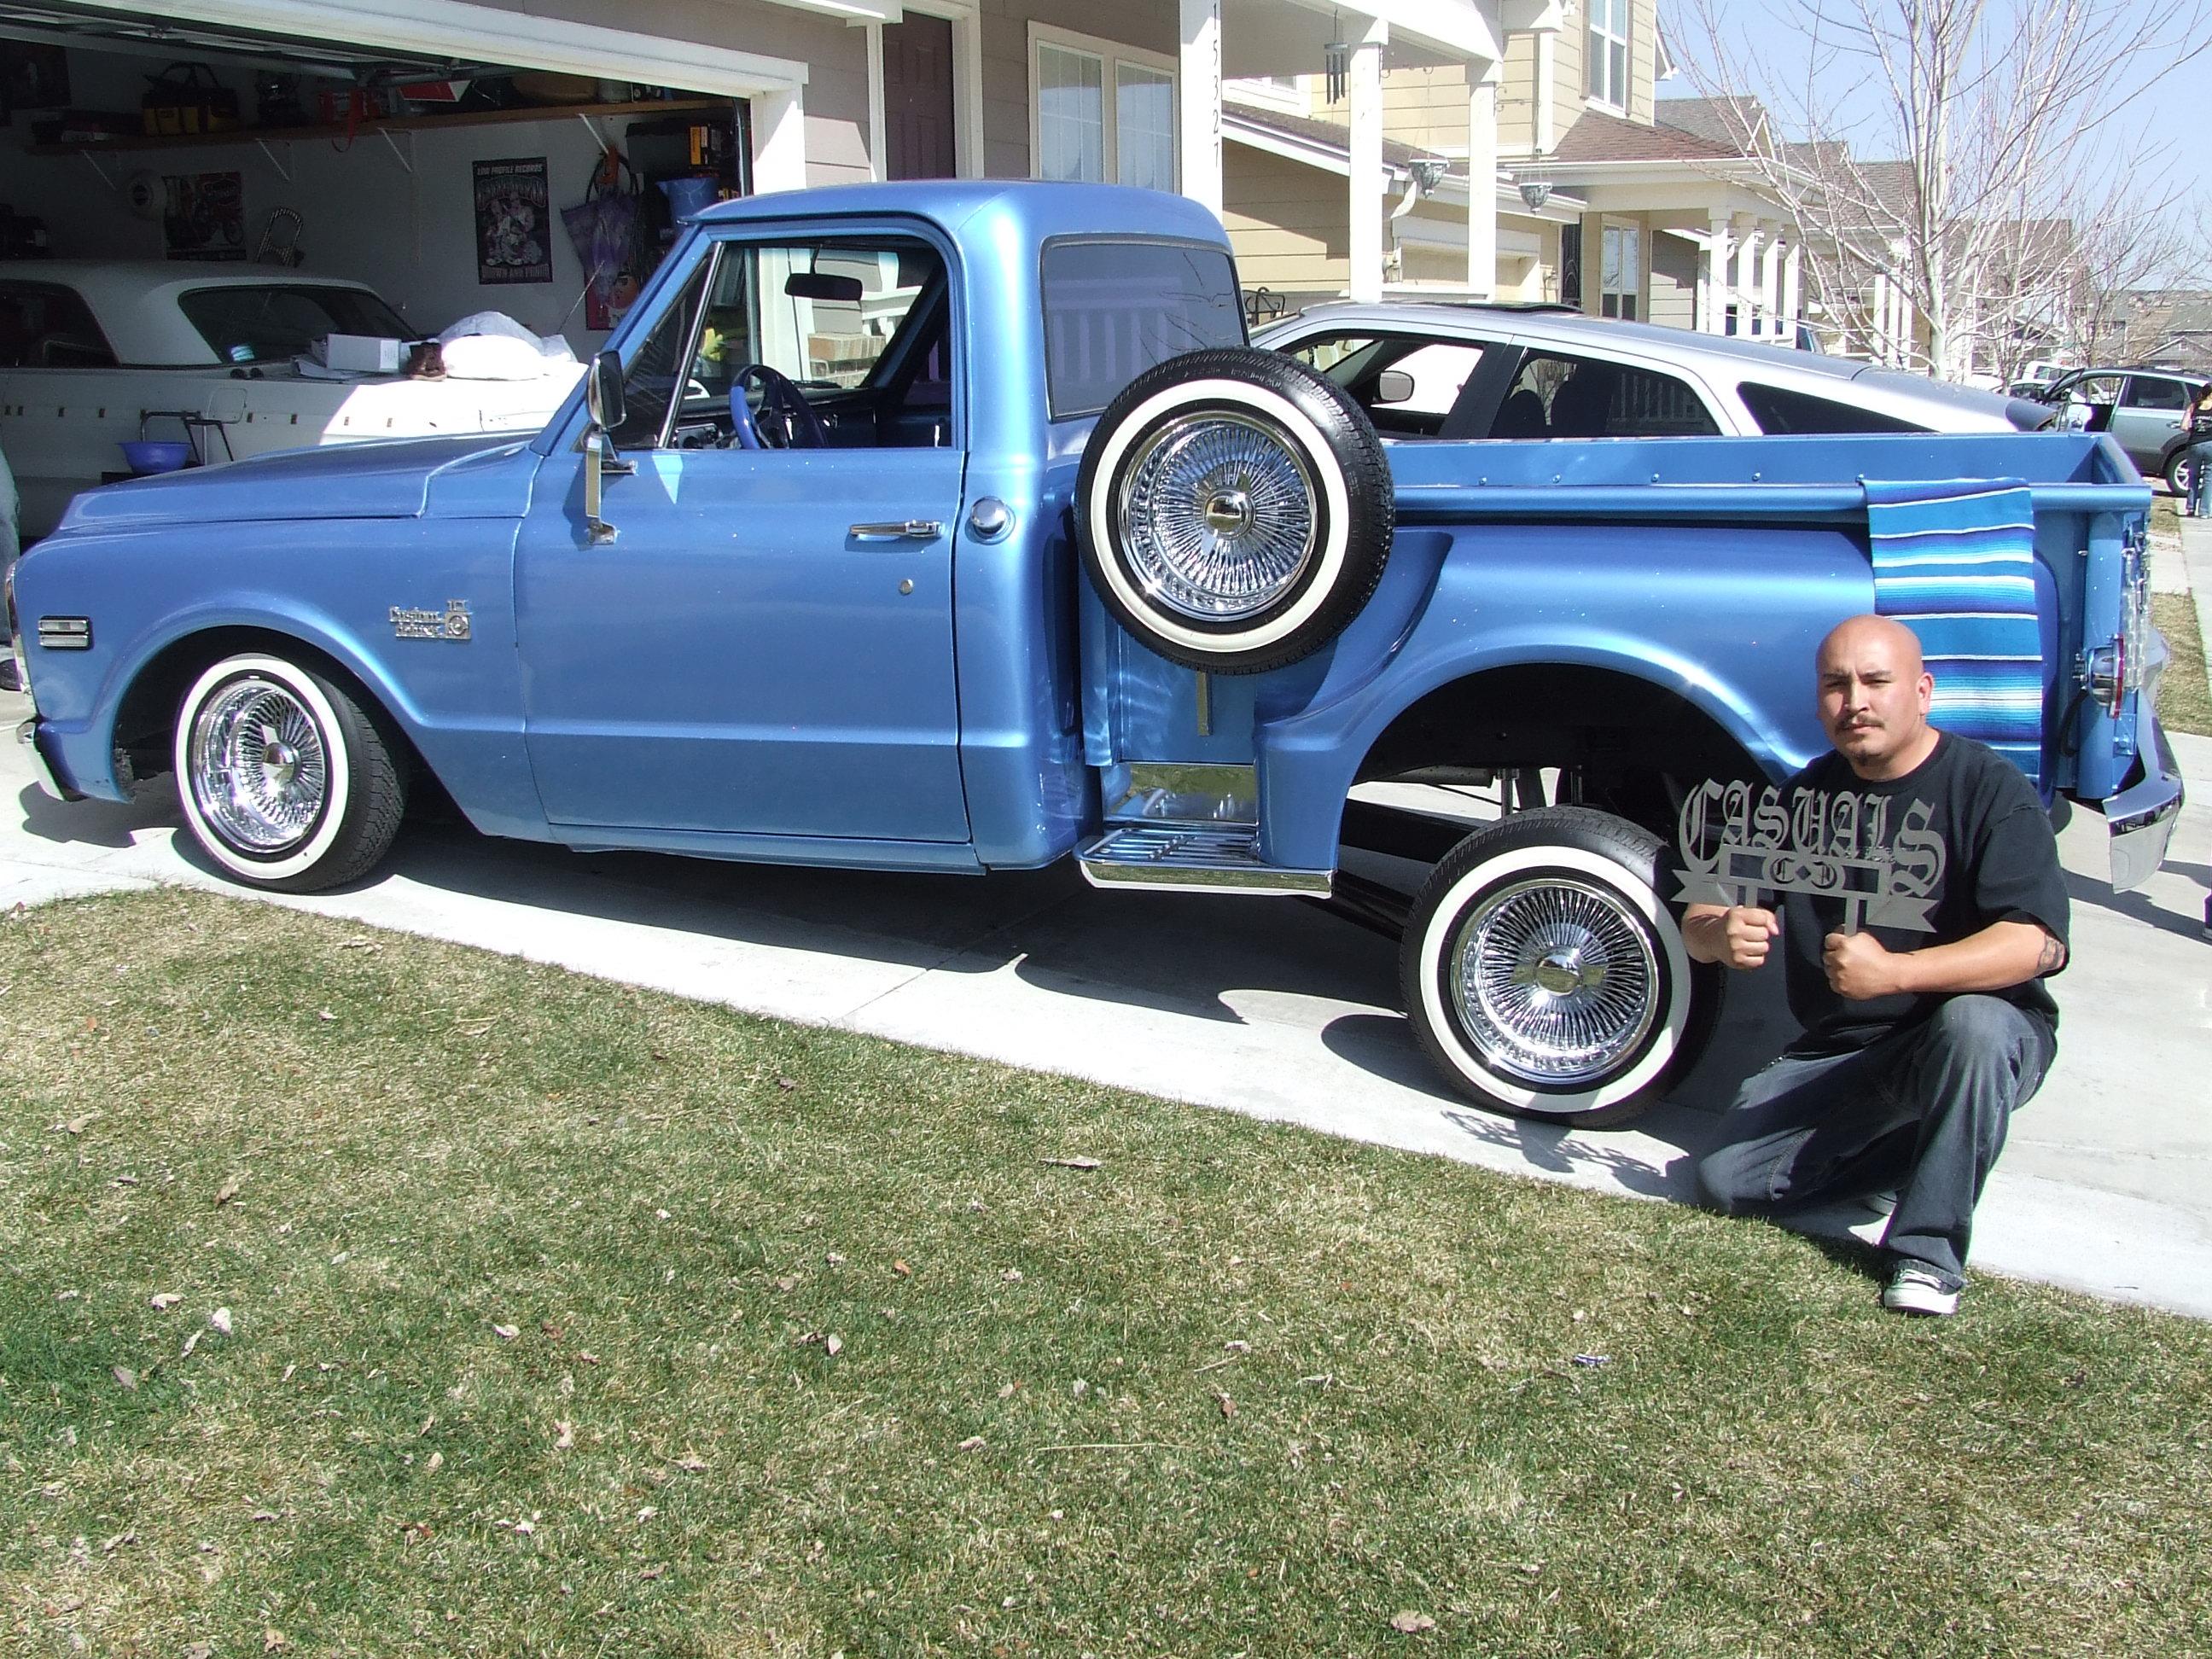 Colorado Casuals Car Club